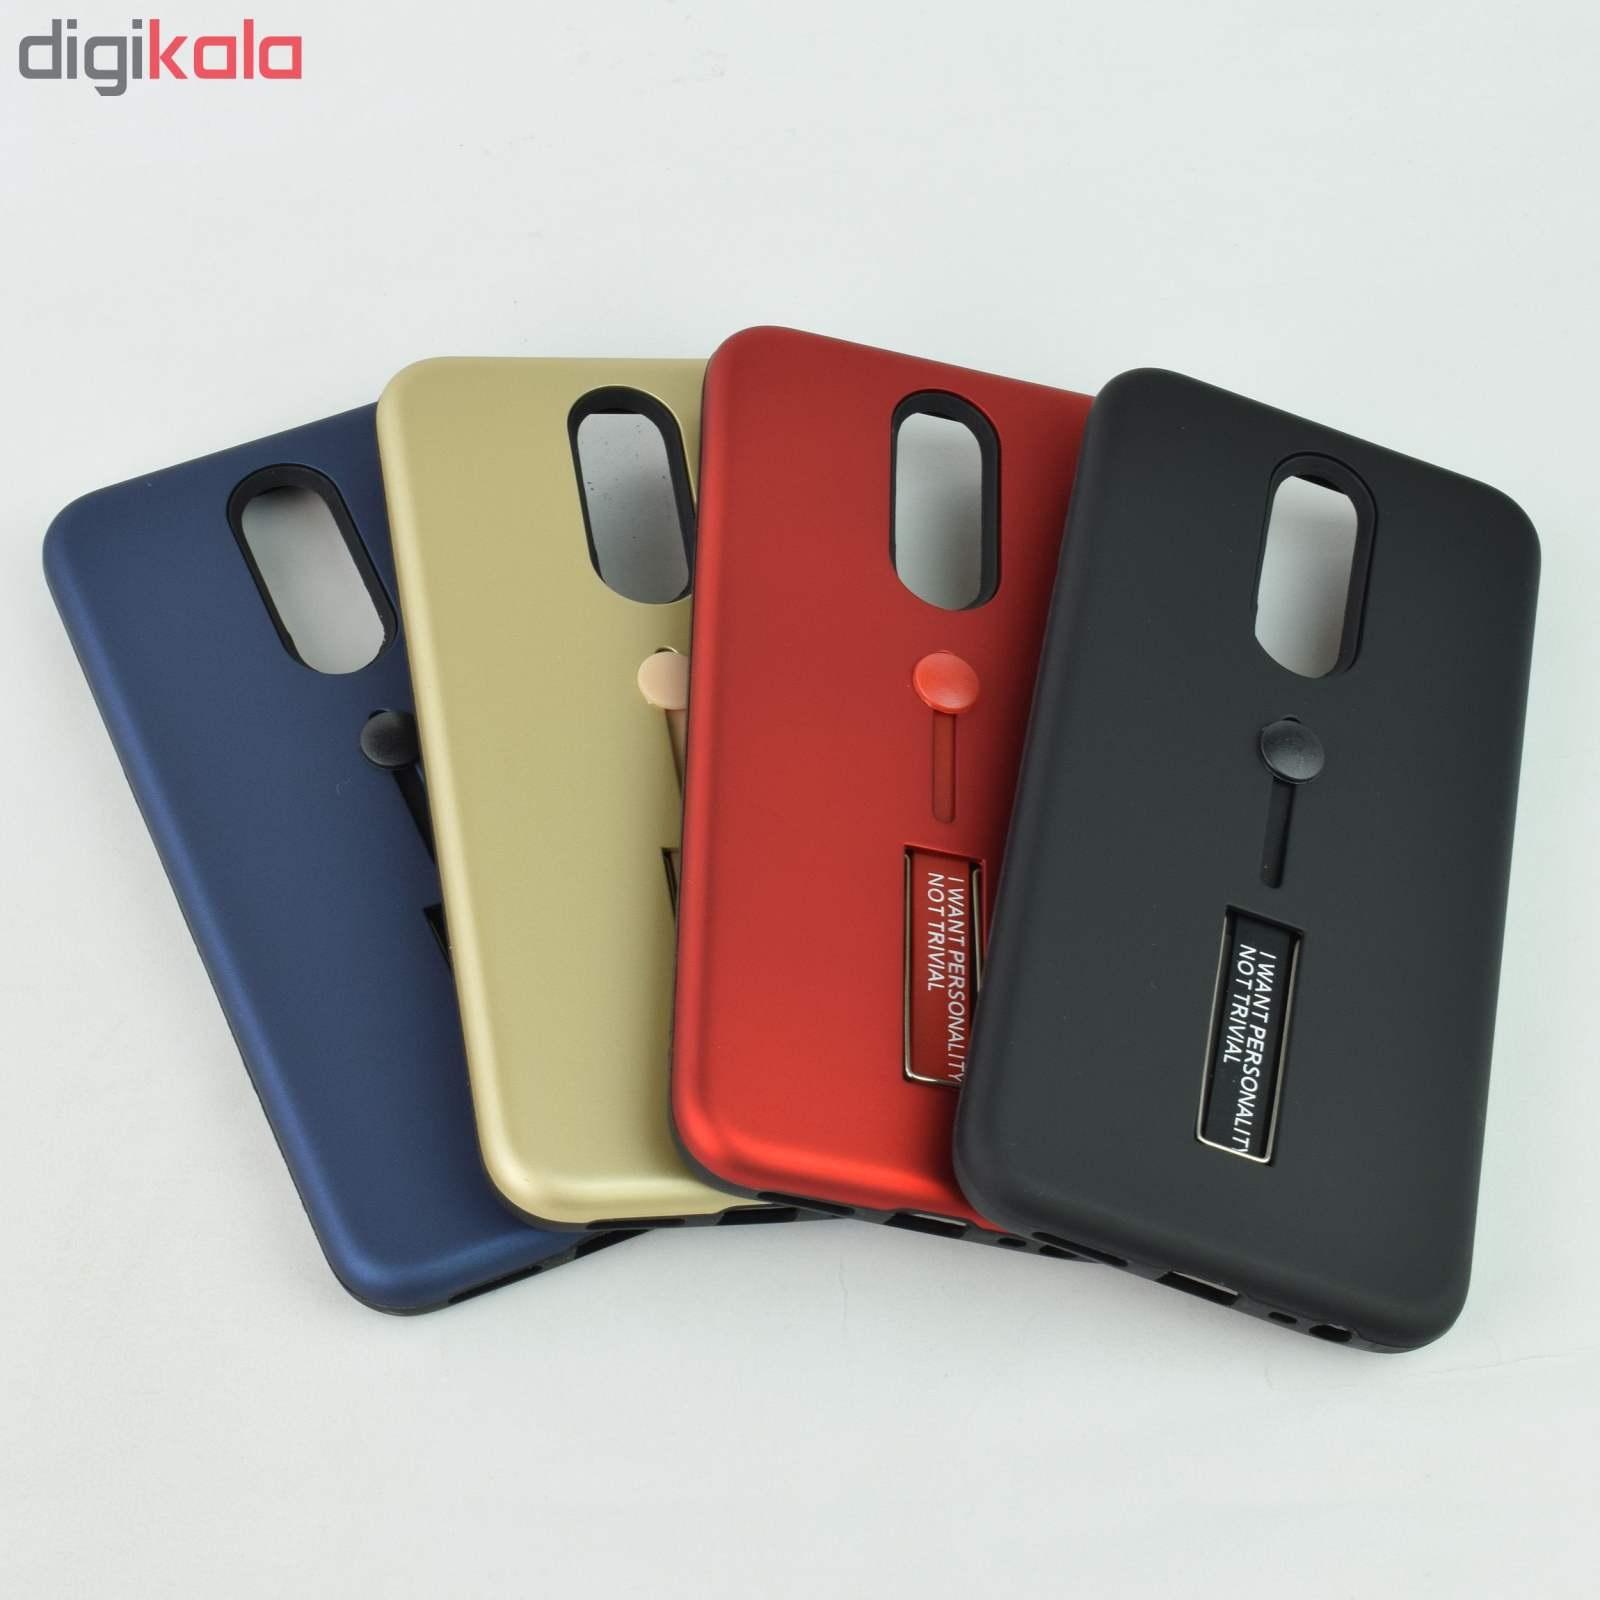 کاور مدل F20 مناسب برای گوشی موبایل شیائومی Redmi 8 main 1 7